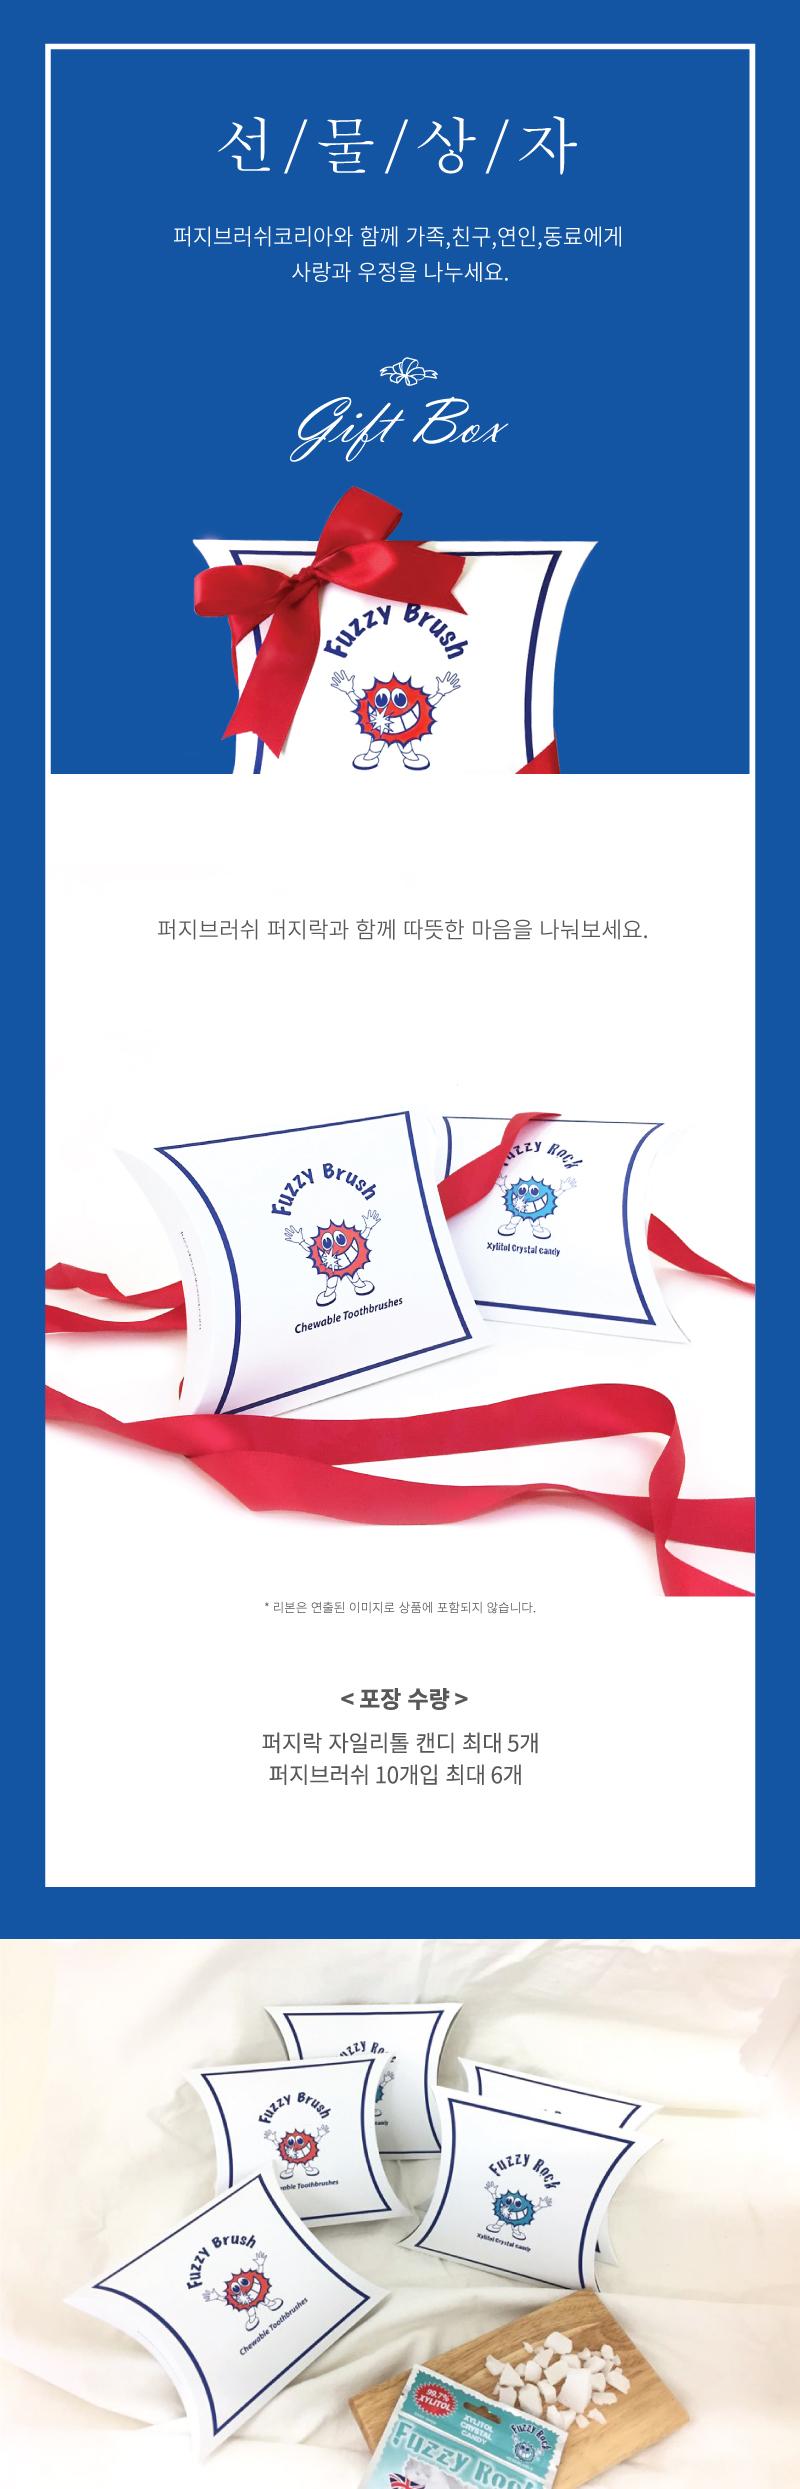 씹는칫솔 퍼지브러쉬 쿨민트 10개입 (지퍼백) - 퍼지브러쉬, 5,500원, 양치, 칫솔/치실